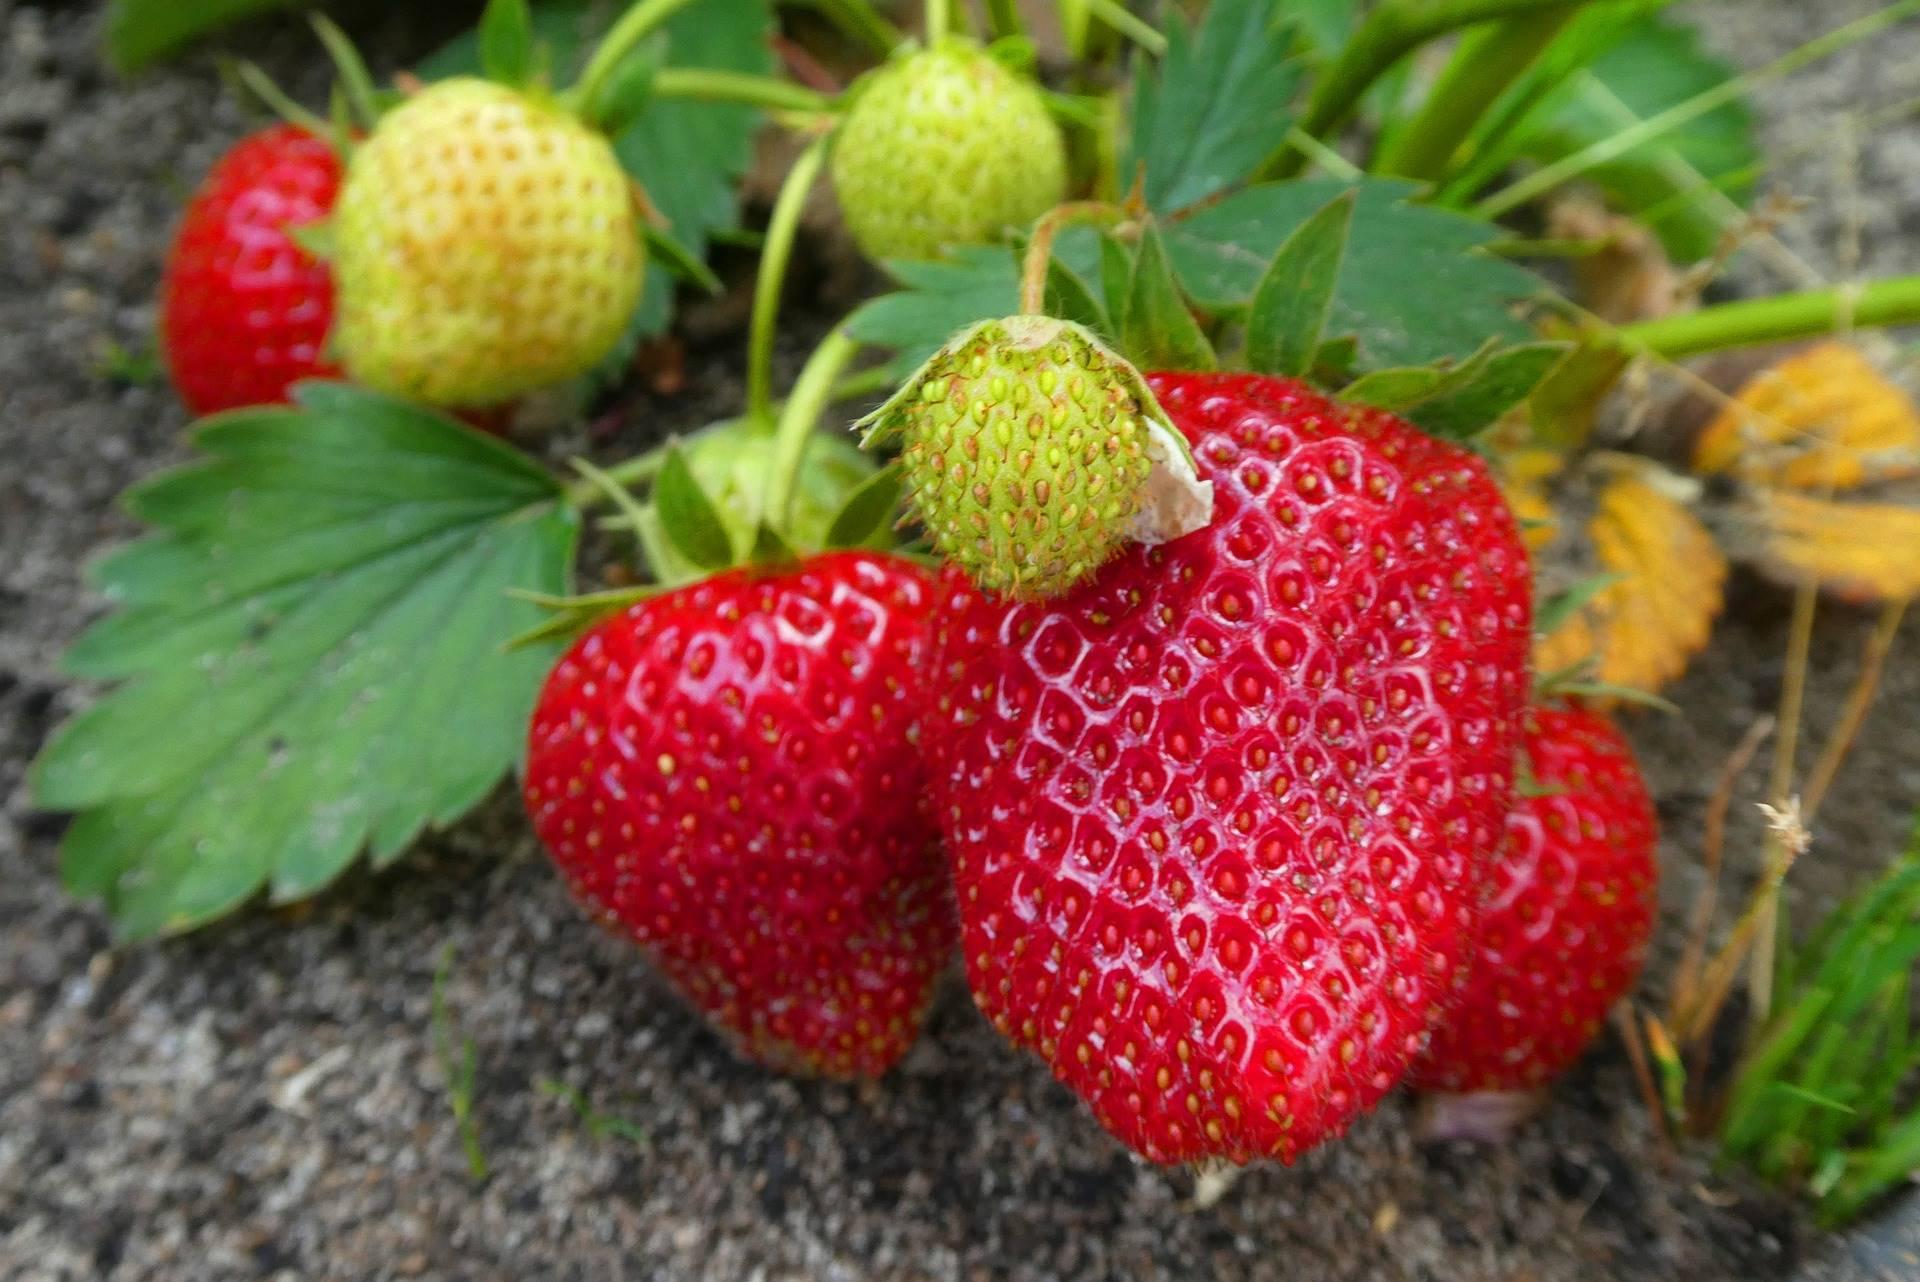 Versgeplukte aardbeien uit eigen tuin, heerlijk!